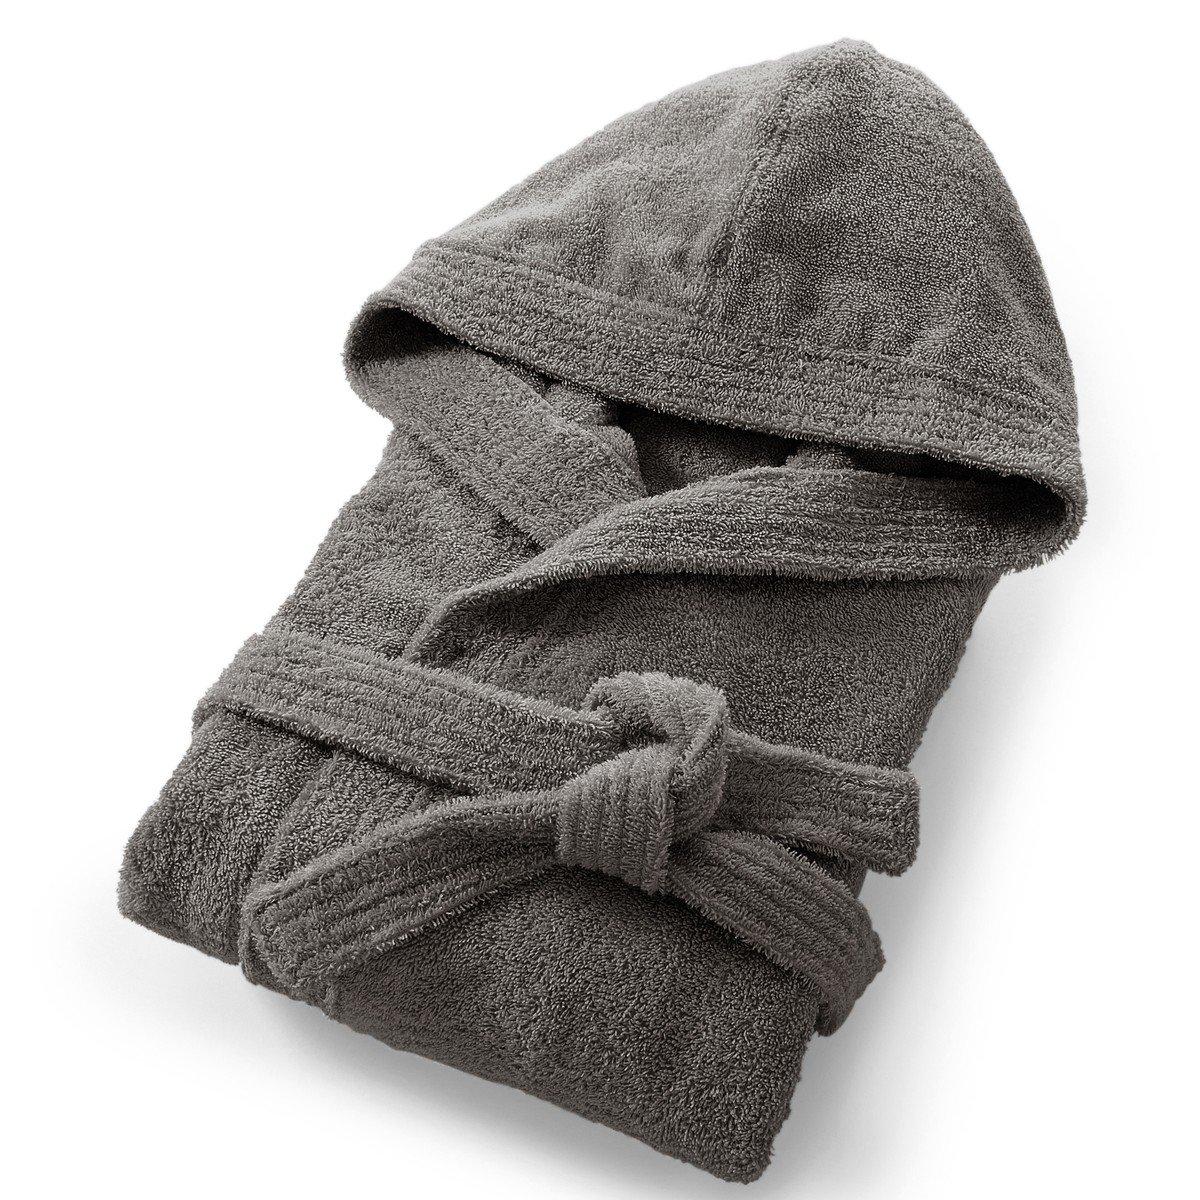 Халат La Redoute С капюшоном из махровой ткани гм 42/44 (FR) - 48/50 (RUS) серый